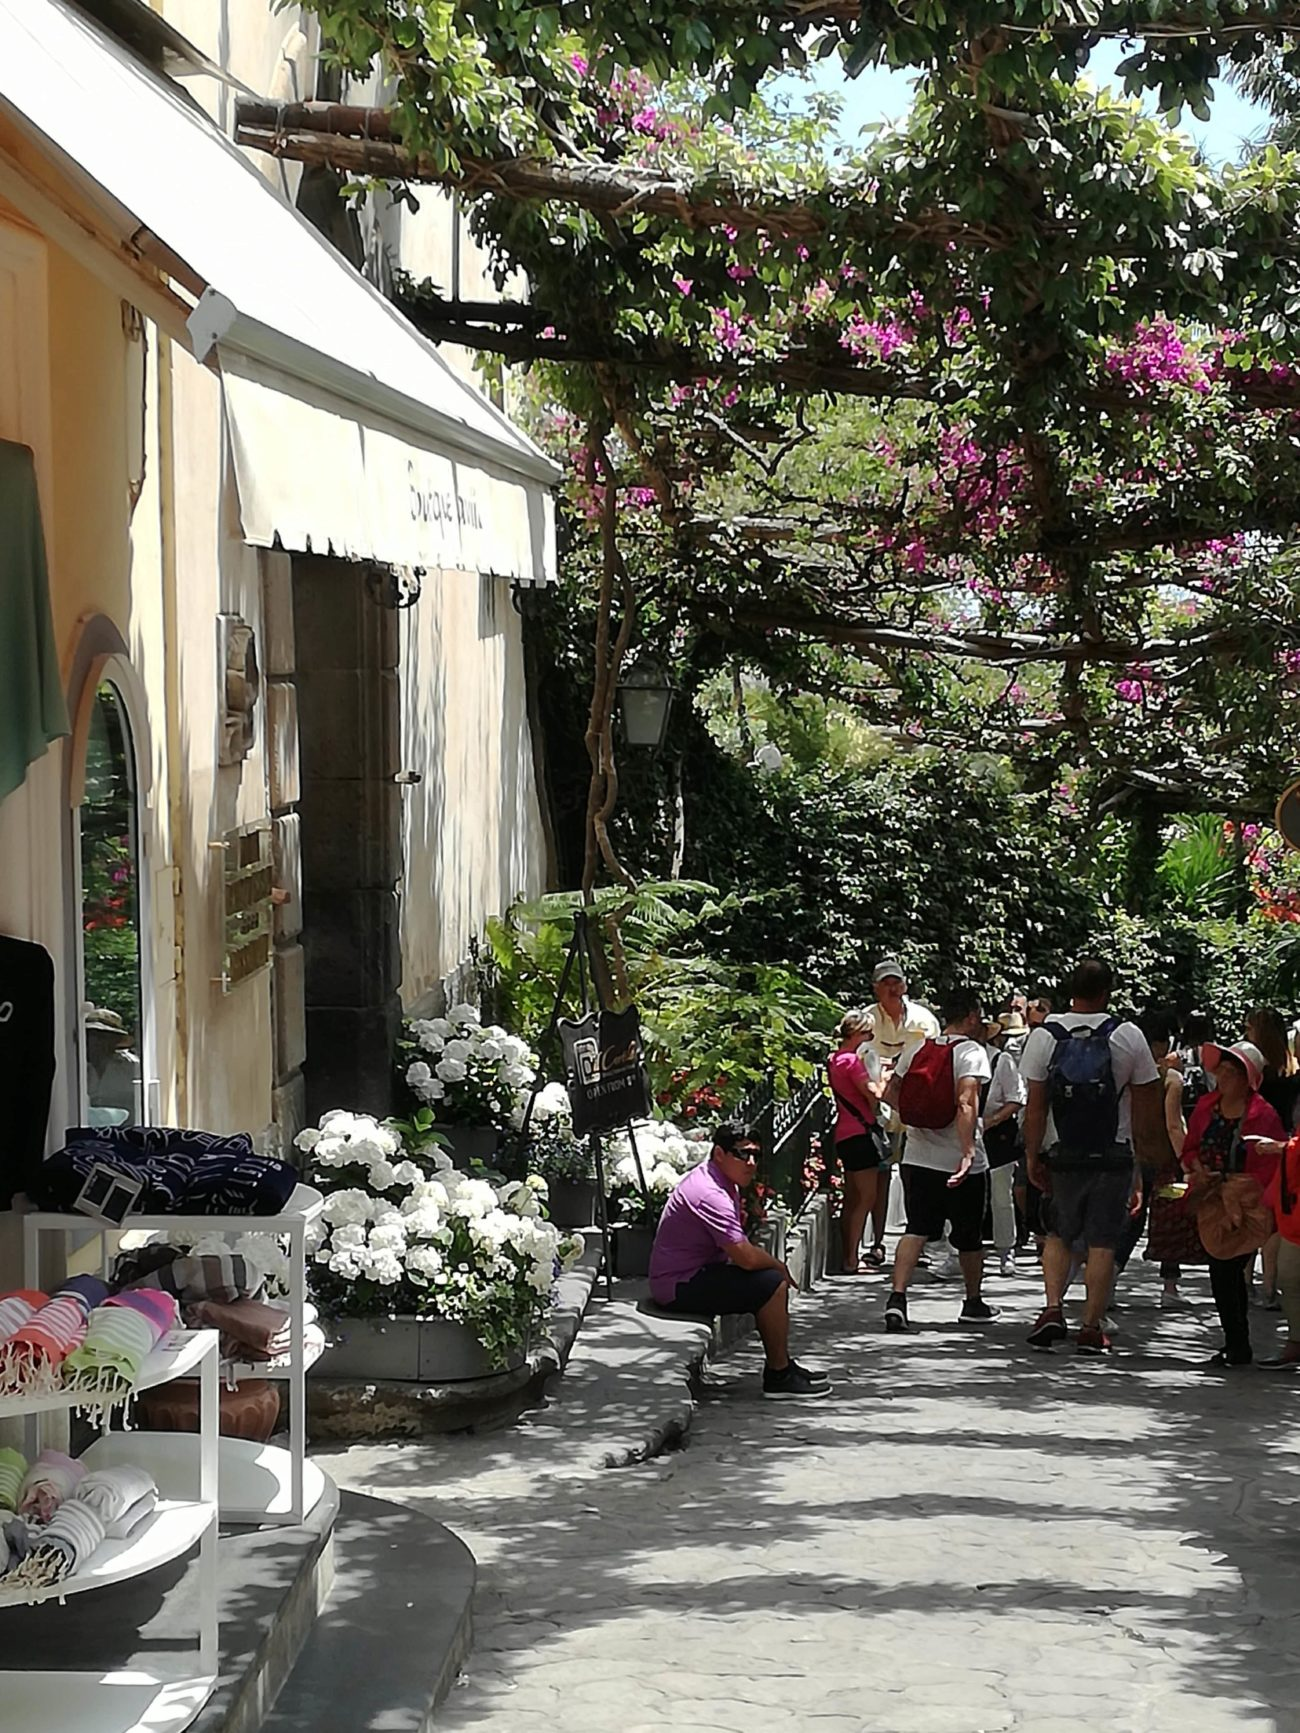 Píerdete por las calles de Positano y disfruta de un largo paseo